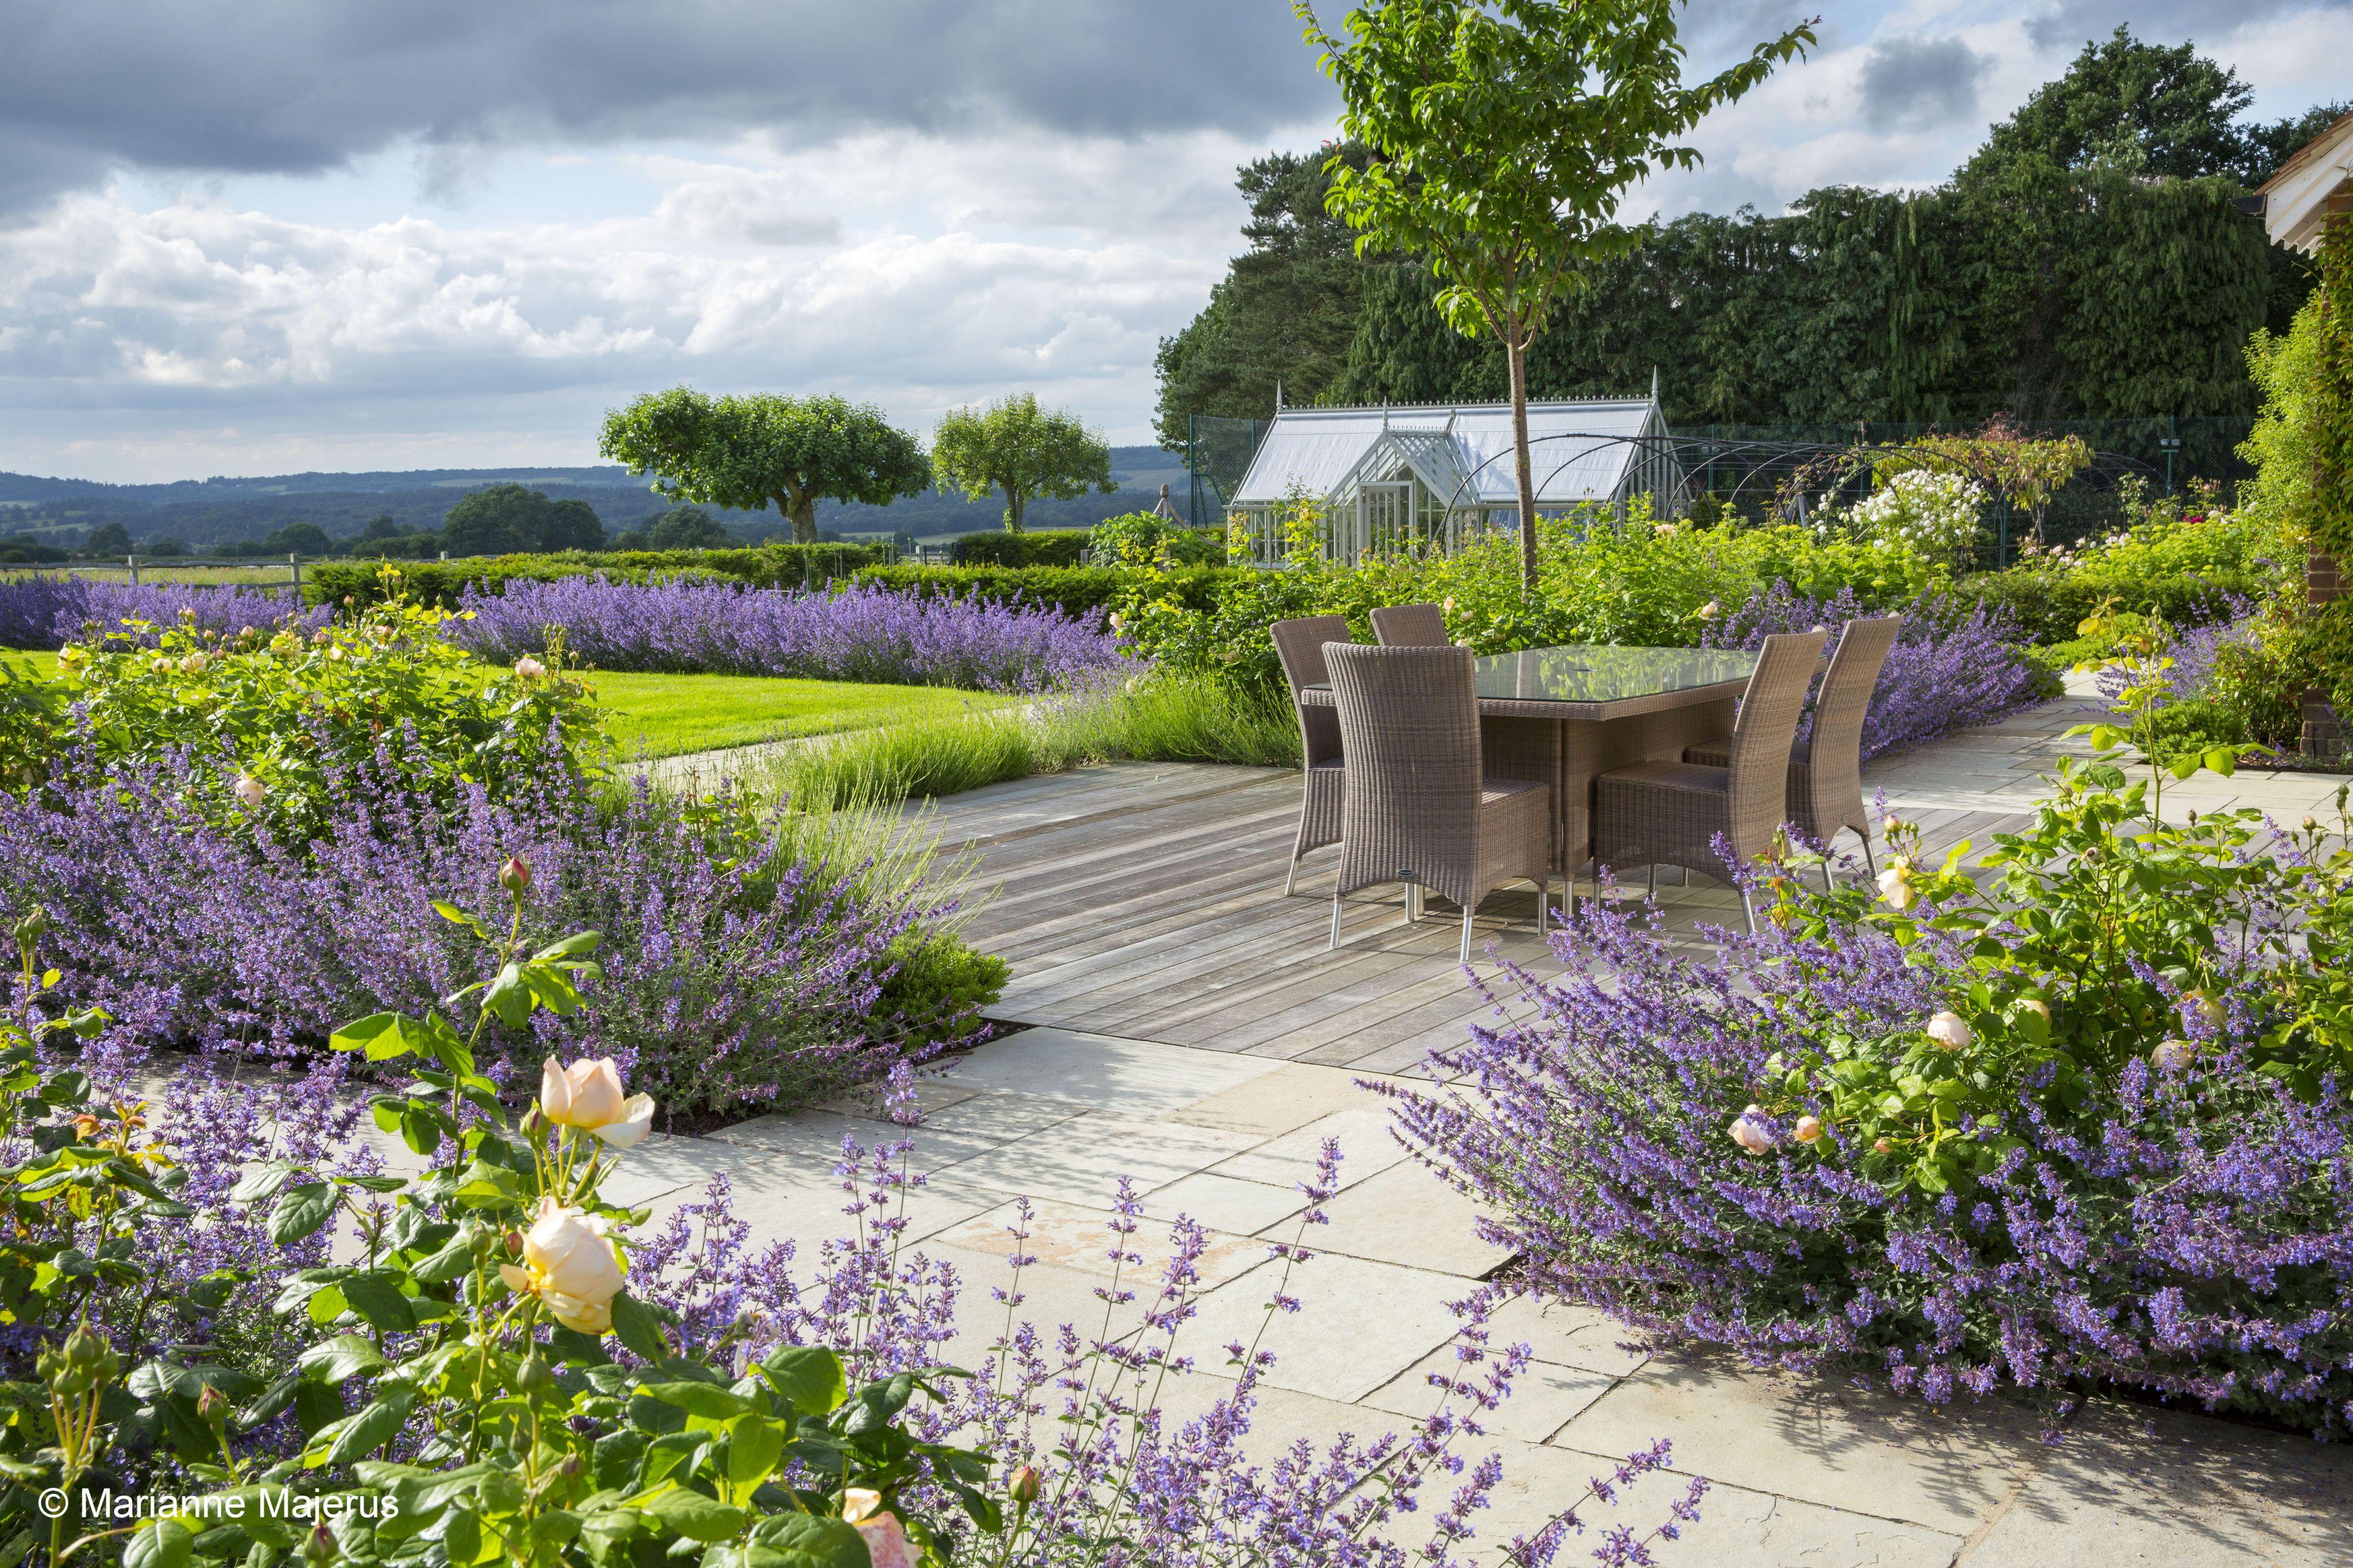 Society Of Garden Designers Awards   Acres Wild   Winner Of The Large Garden  Award